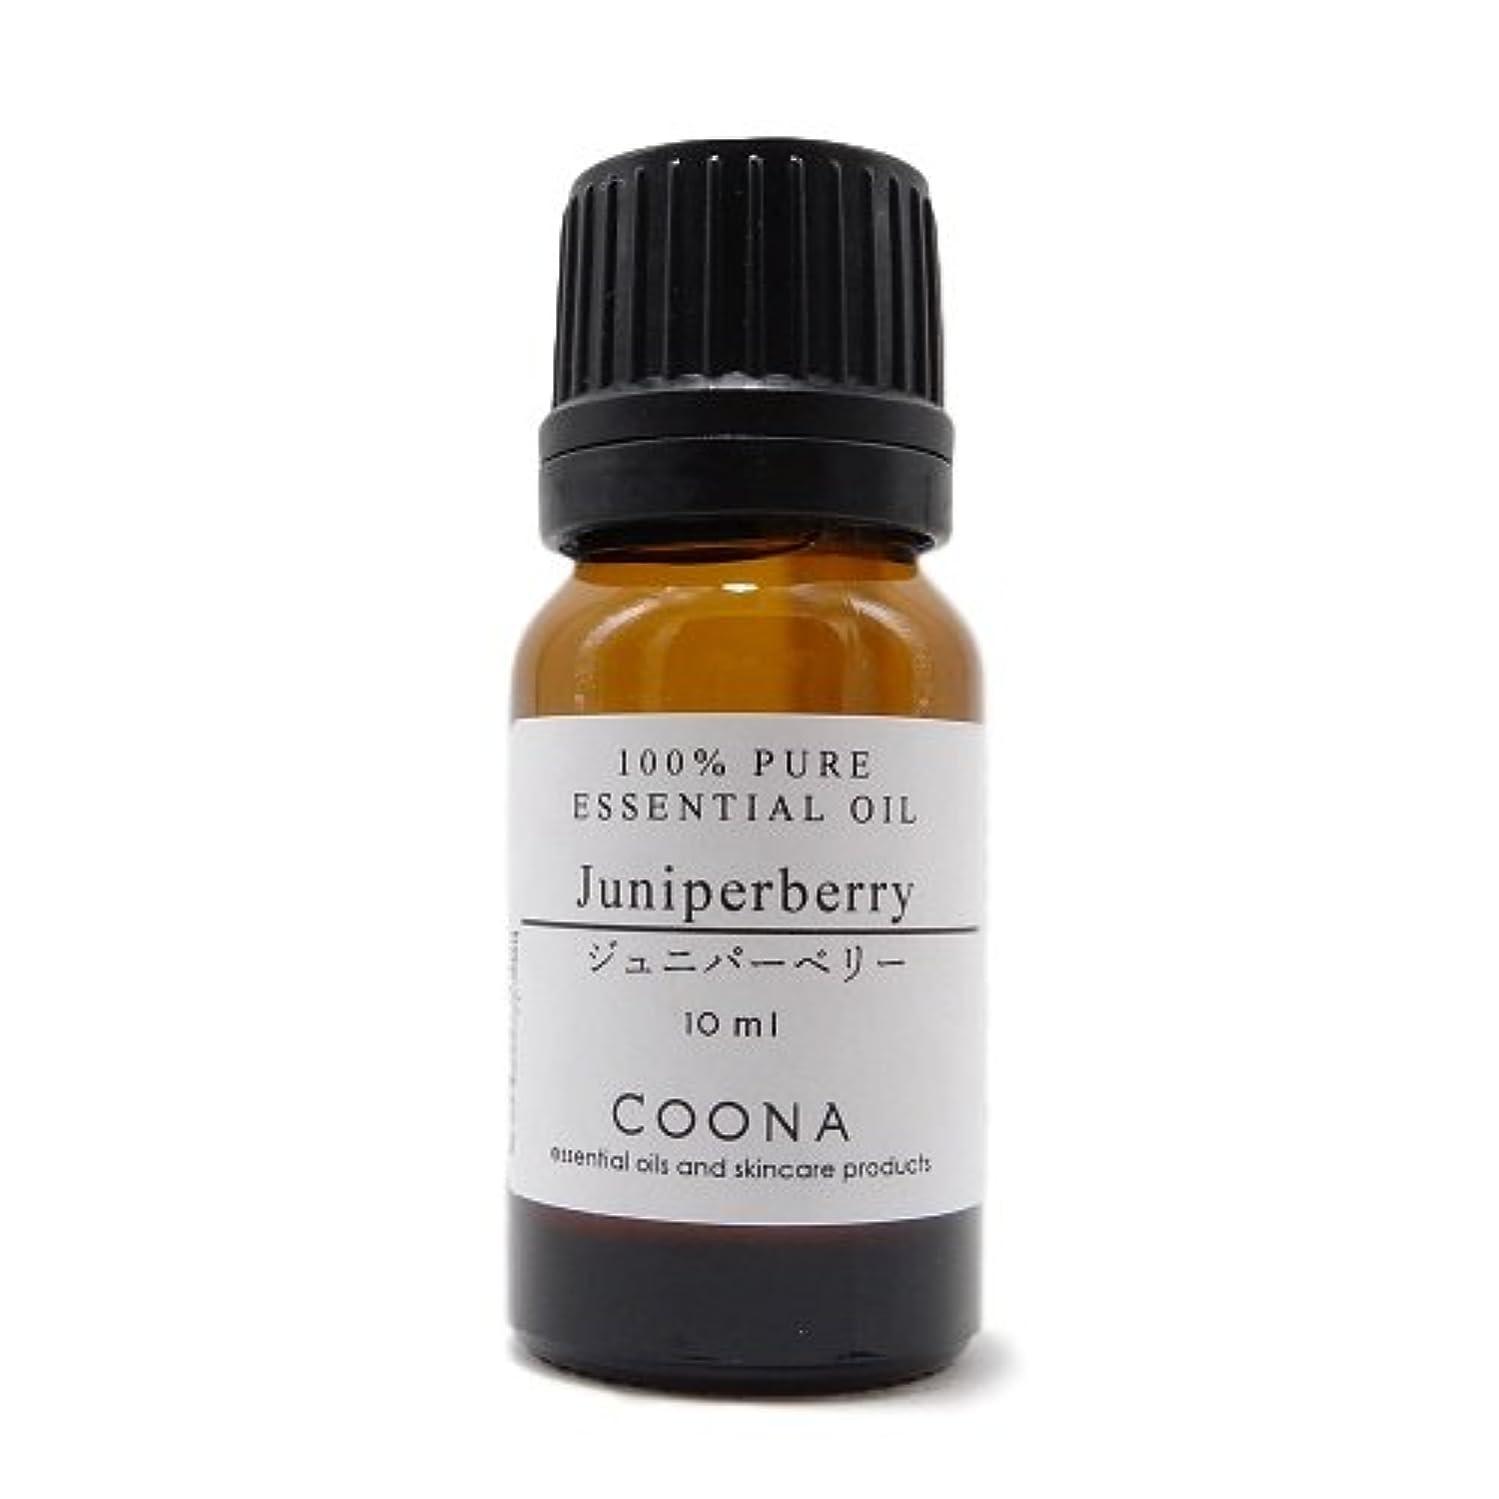 水星栄養チョップジュニパーベリー 10 ml (COONA エッセンシャルオイル アロマオイル 100%天然植物精油)